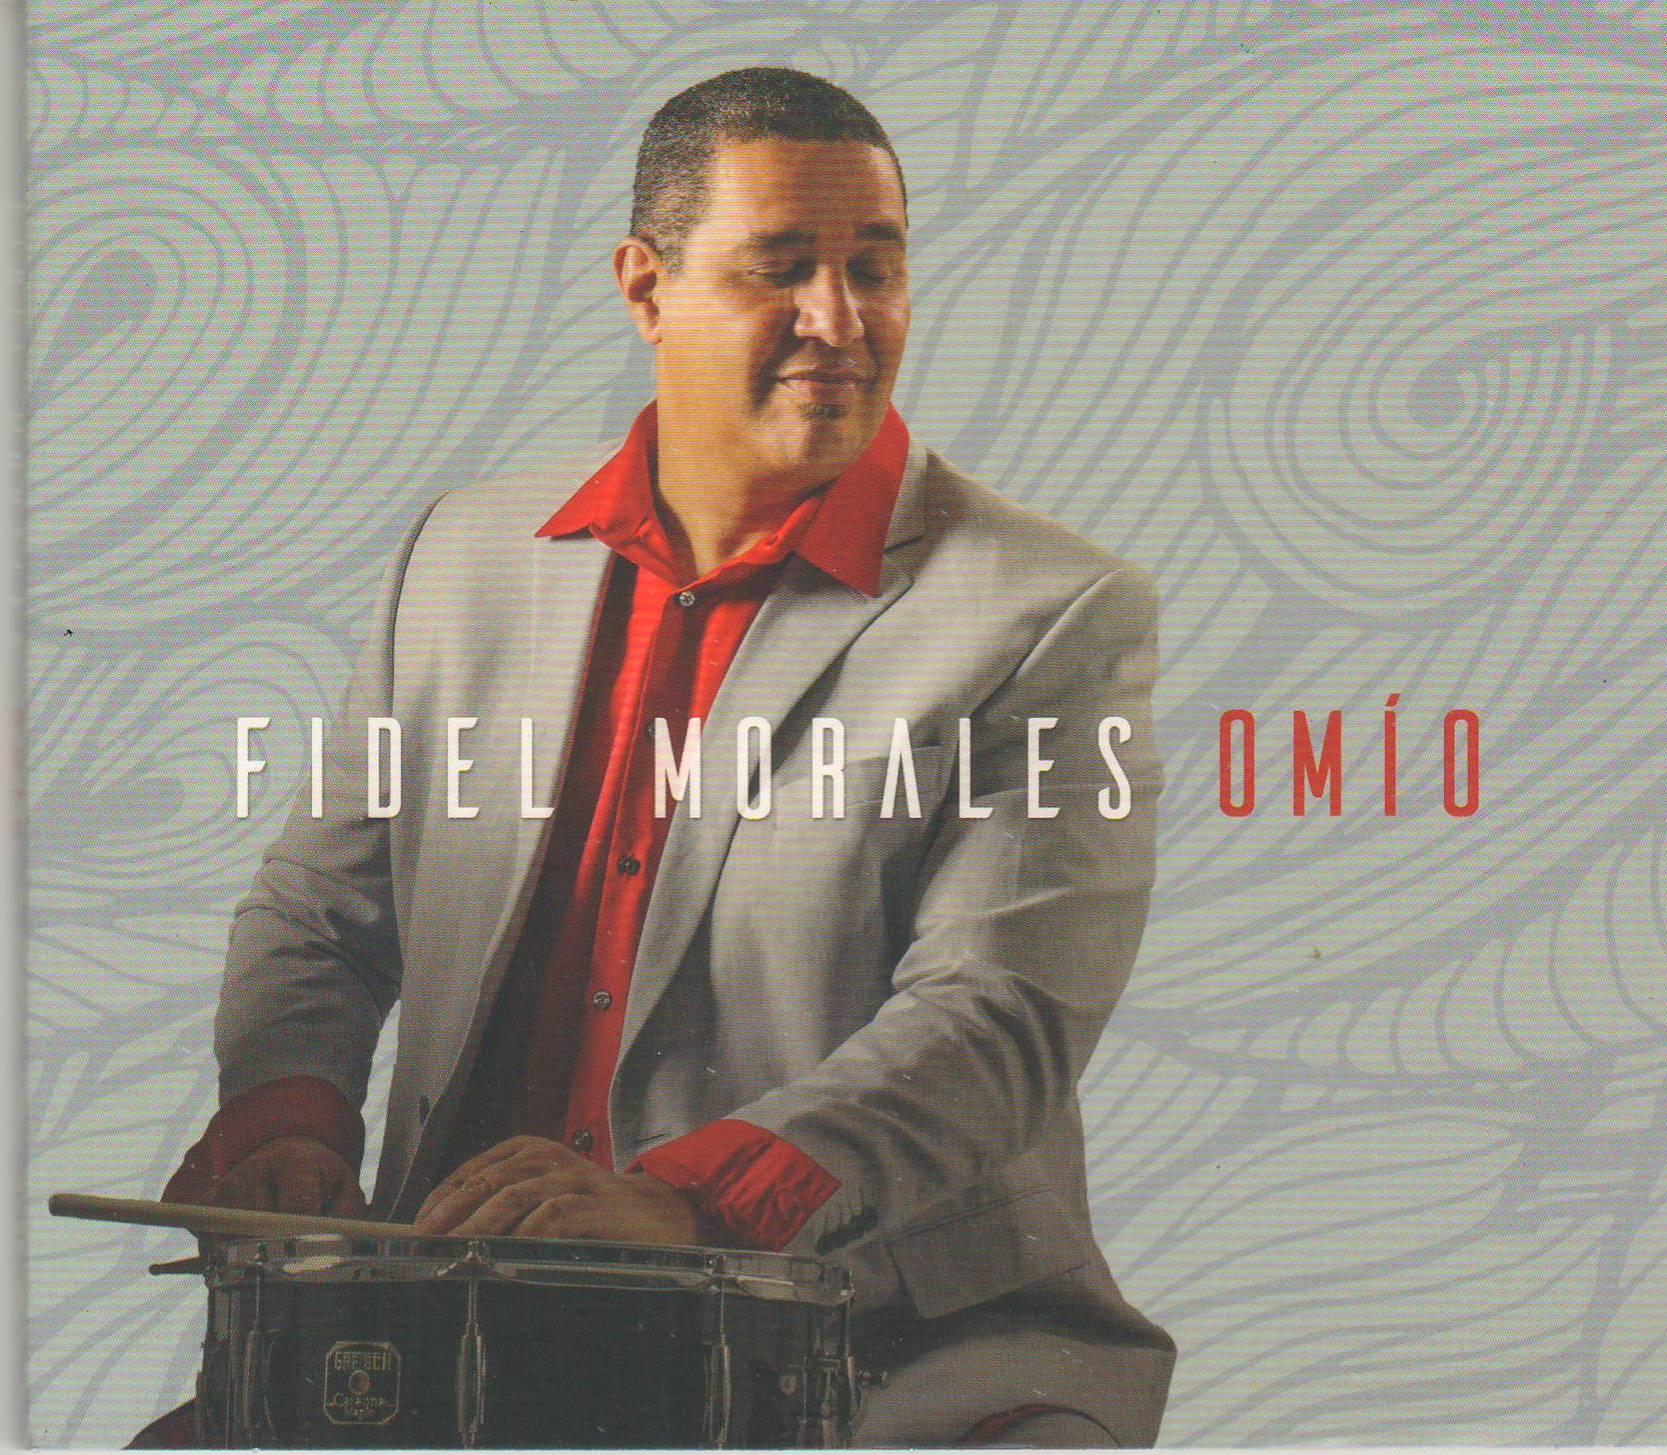 Carátula de la producción discogr;afica de Fidel Morales. (archivo Fundación Nacional para la Cultura Popular)